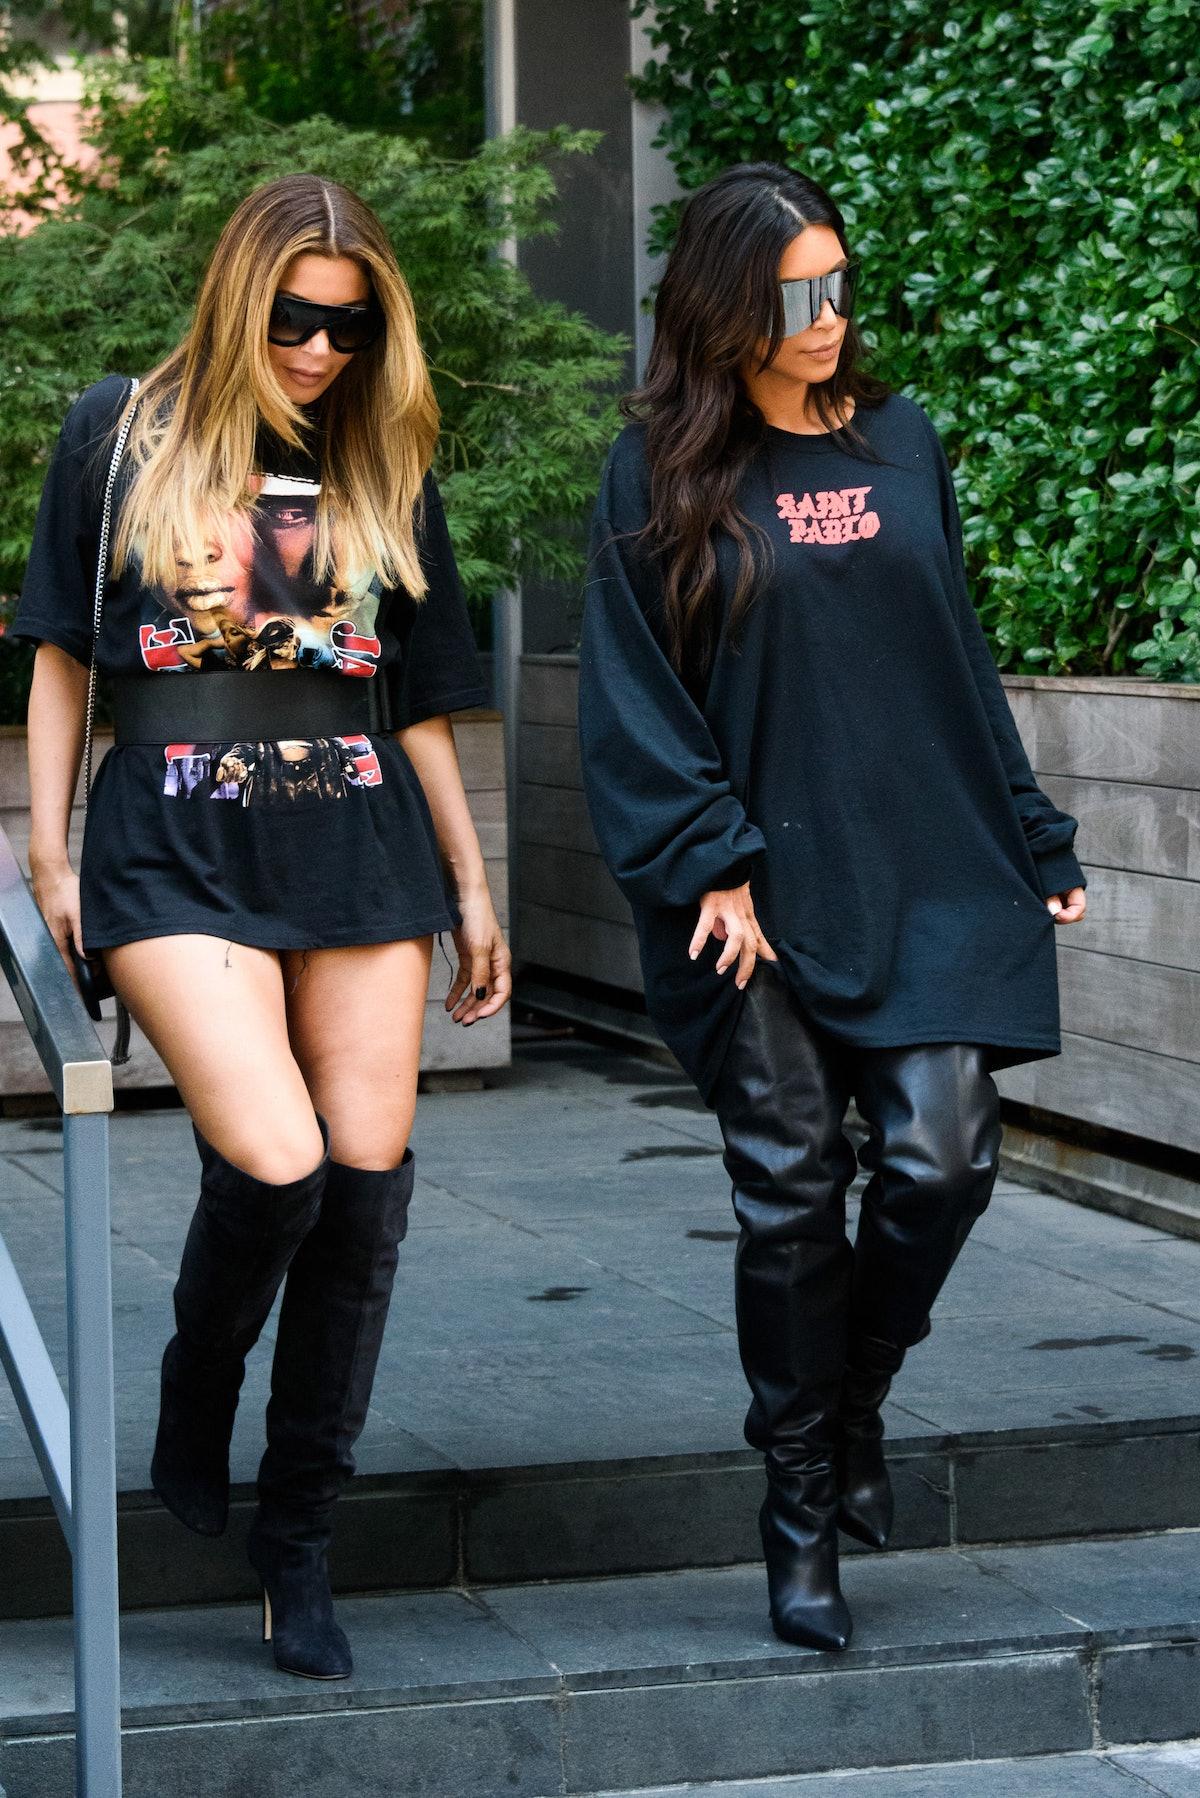 Larsa Pippen steps out with Kim Kardashian.